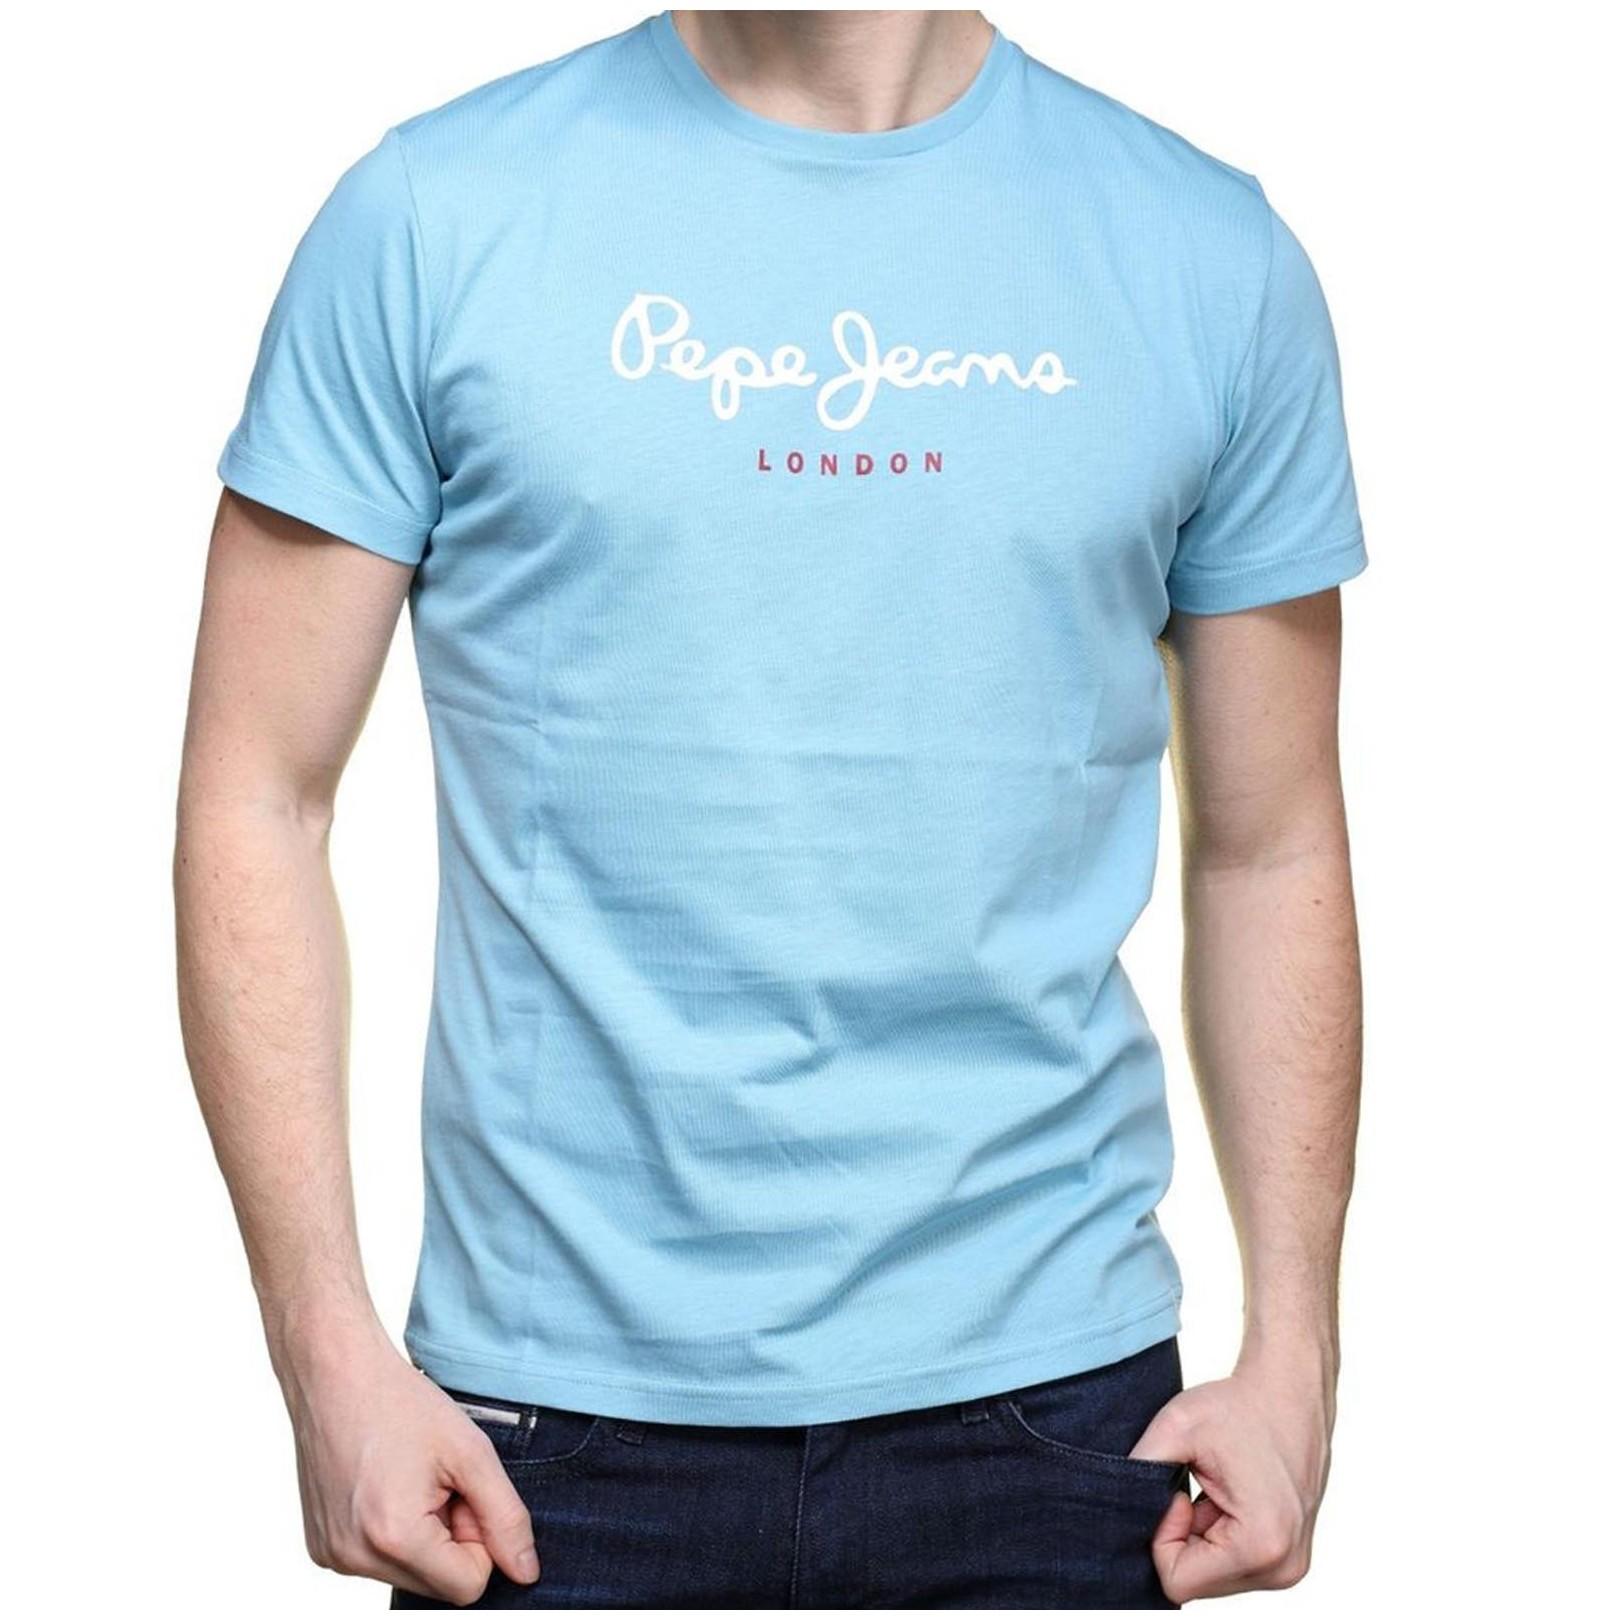 Tee Shirt Pepe Jeans PM501929 Eggo Crew 546 Quay